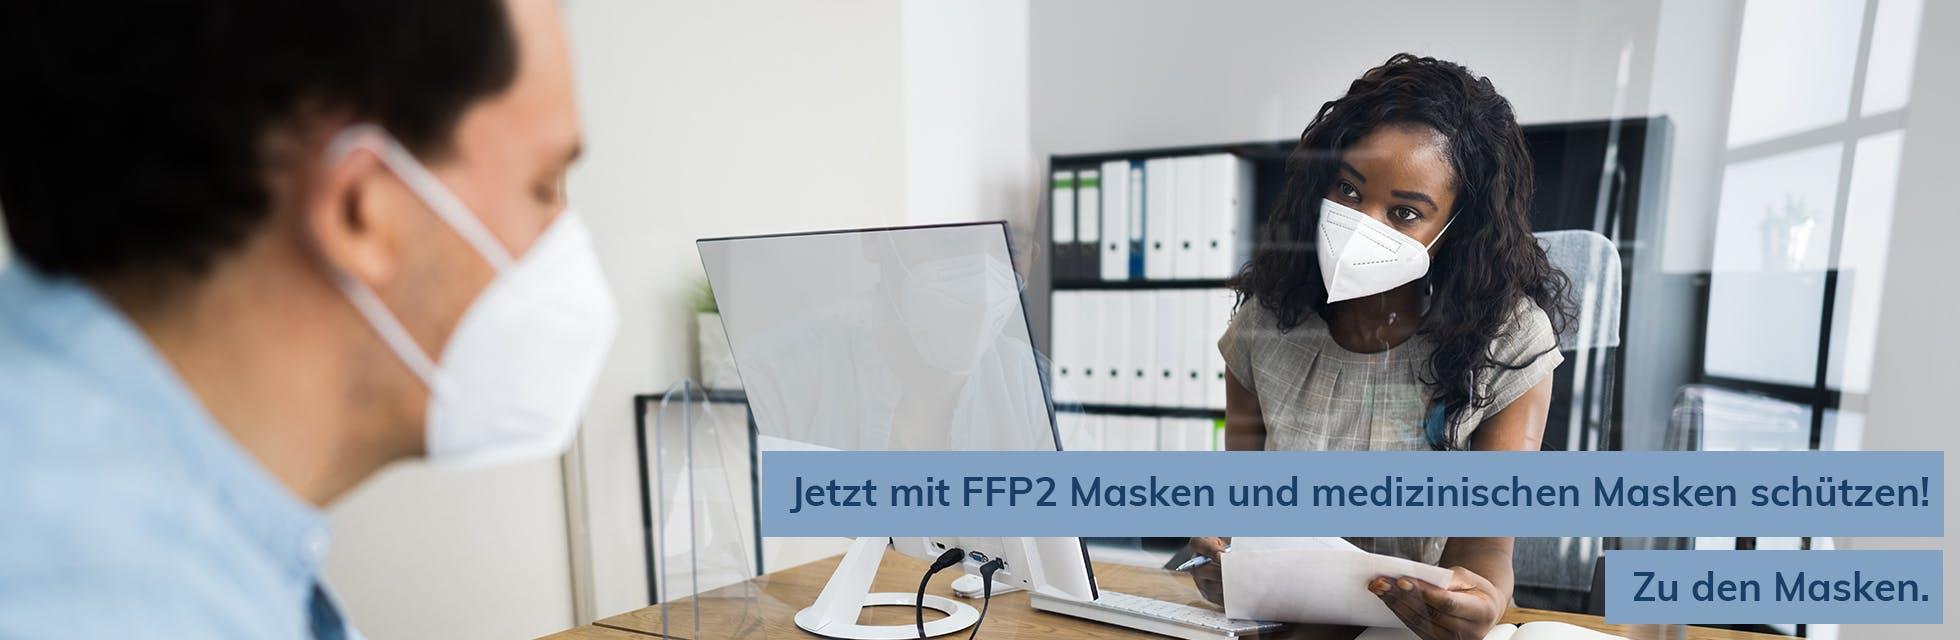 Maskenschtz FFP2 und OP-Masken